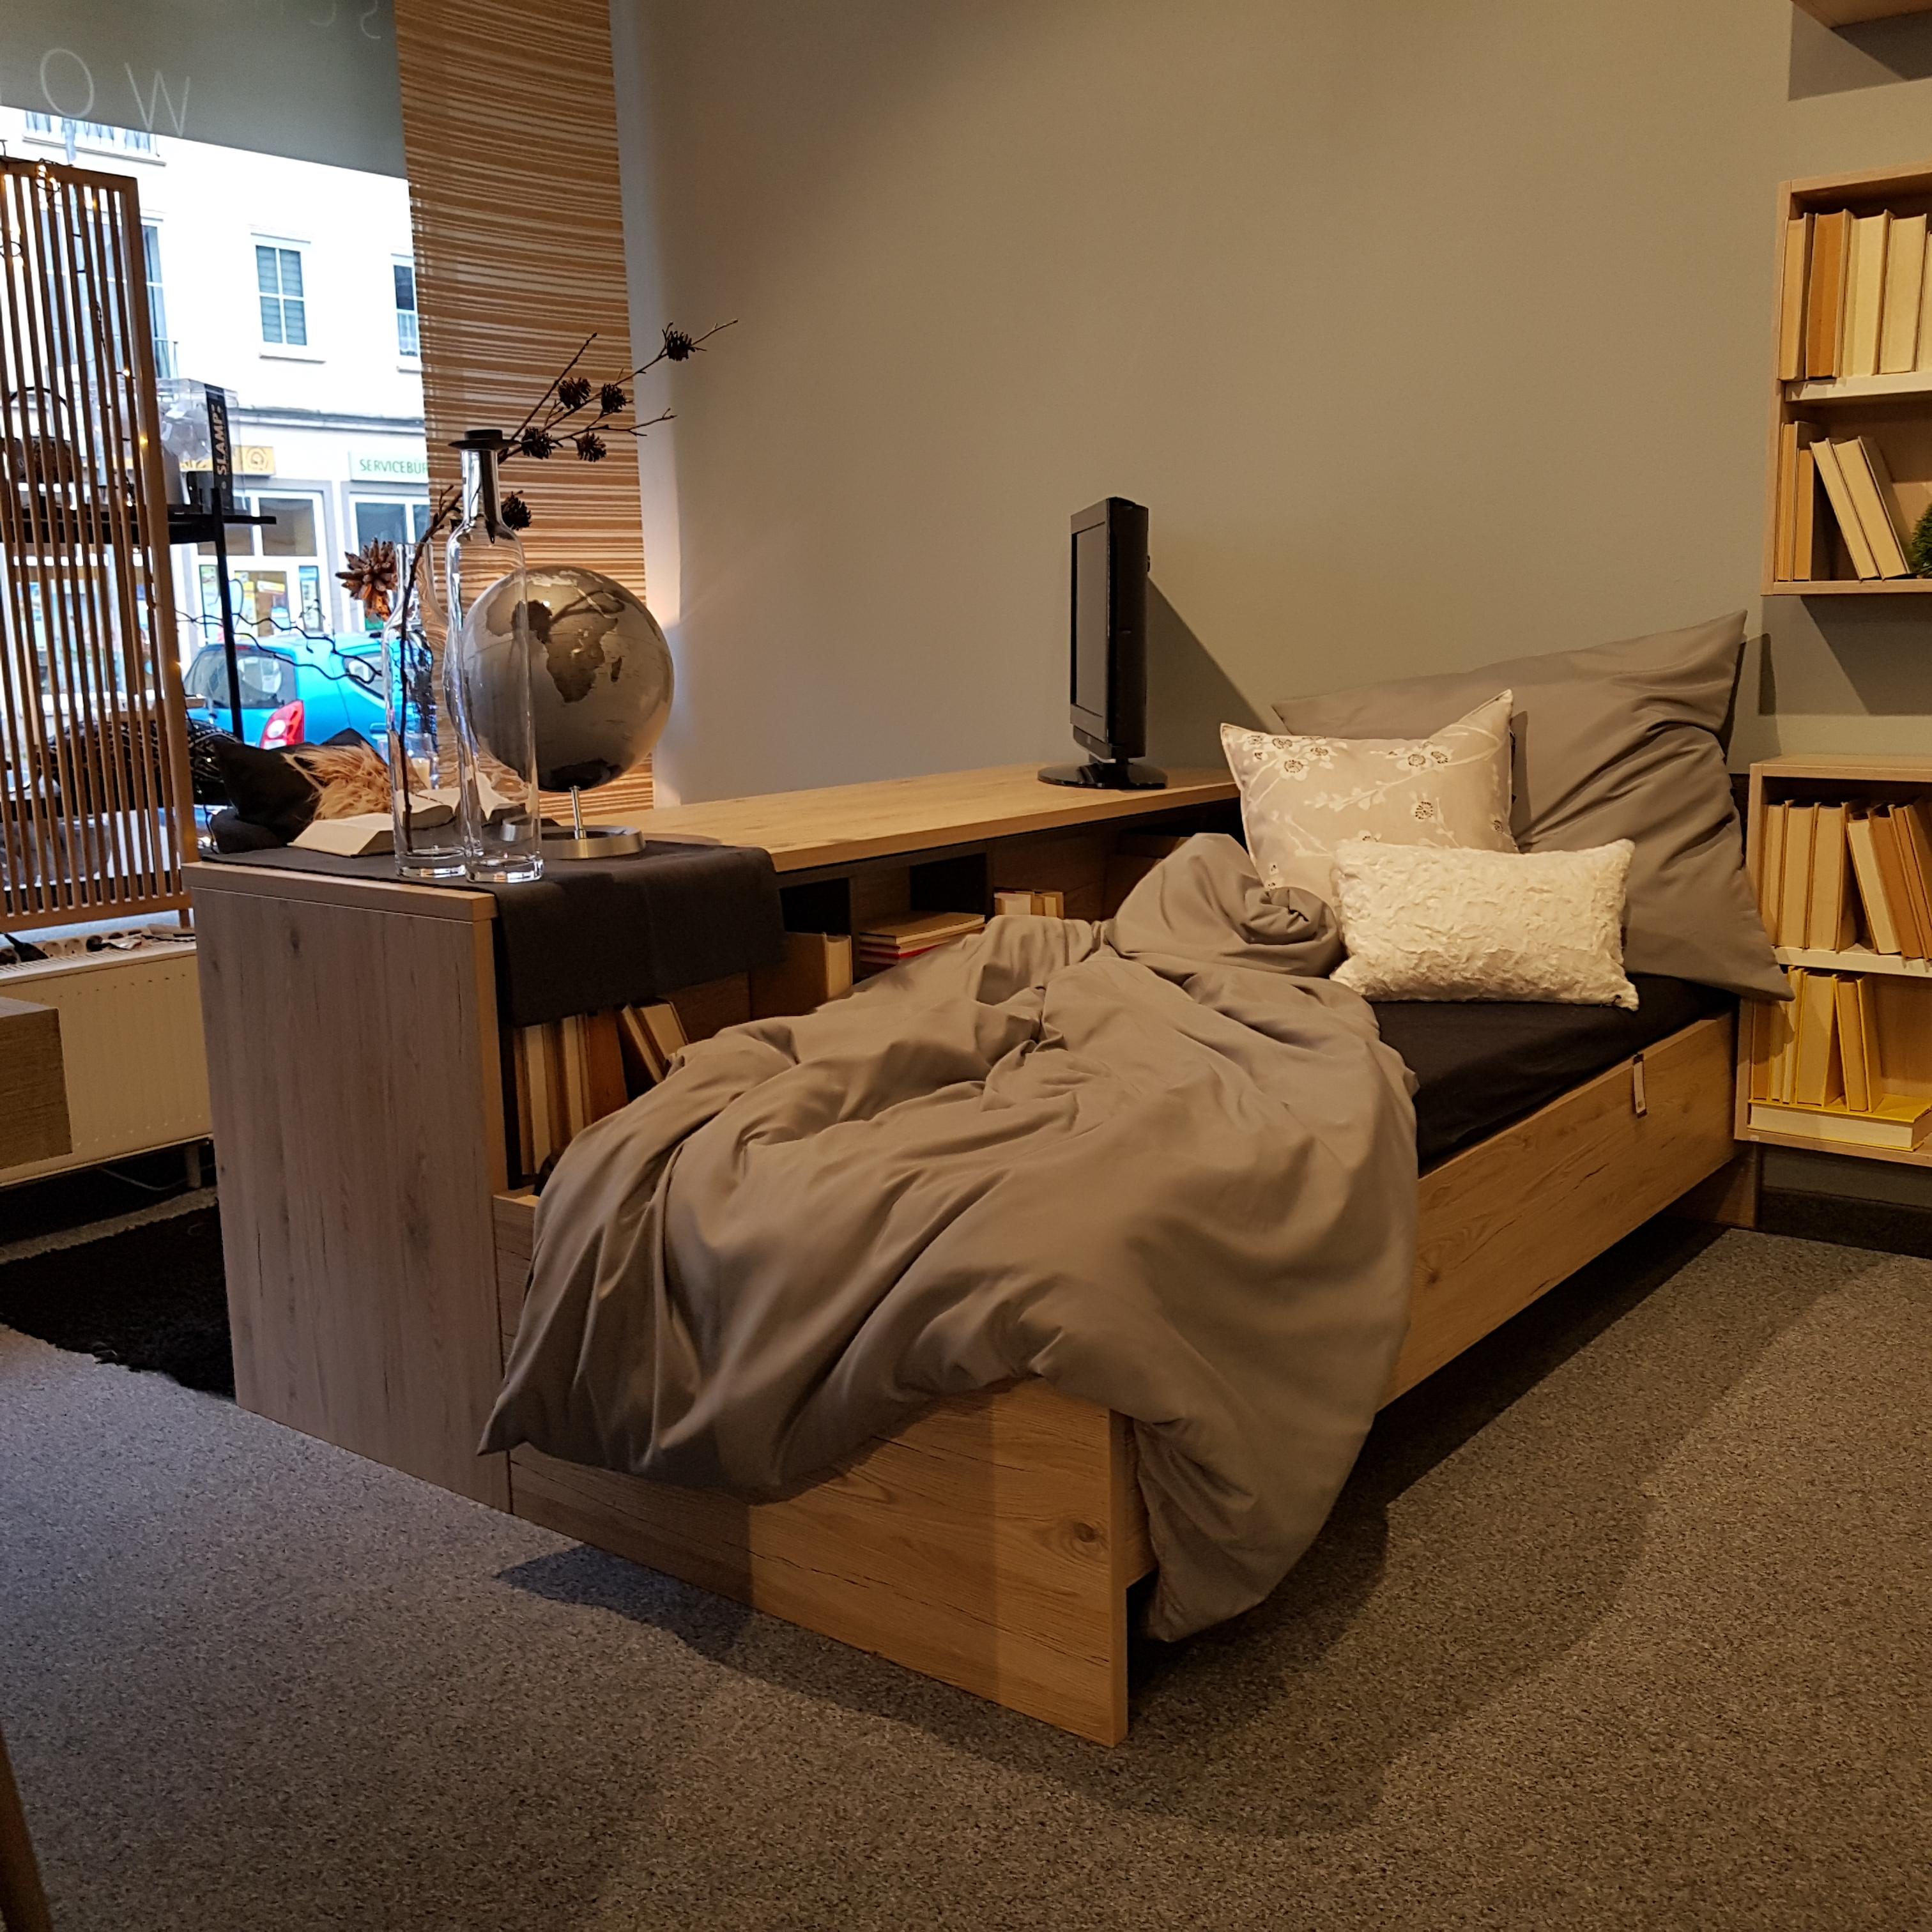 Arbeitsplatz mit Bett - Millimetergenau.de